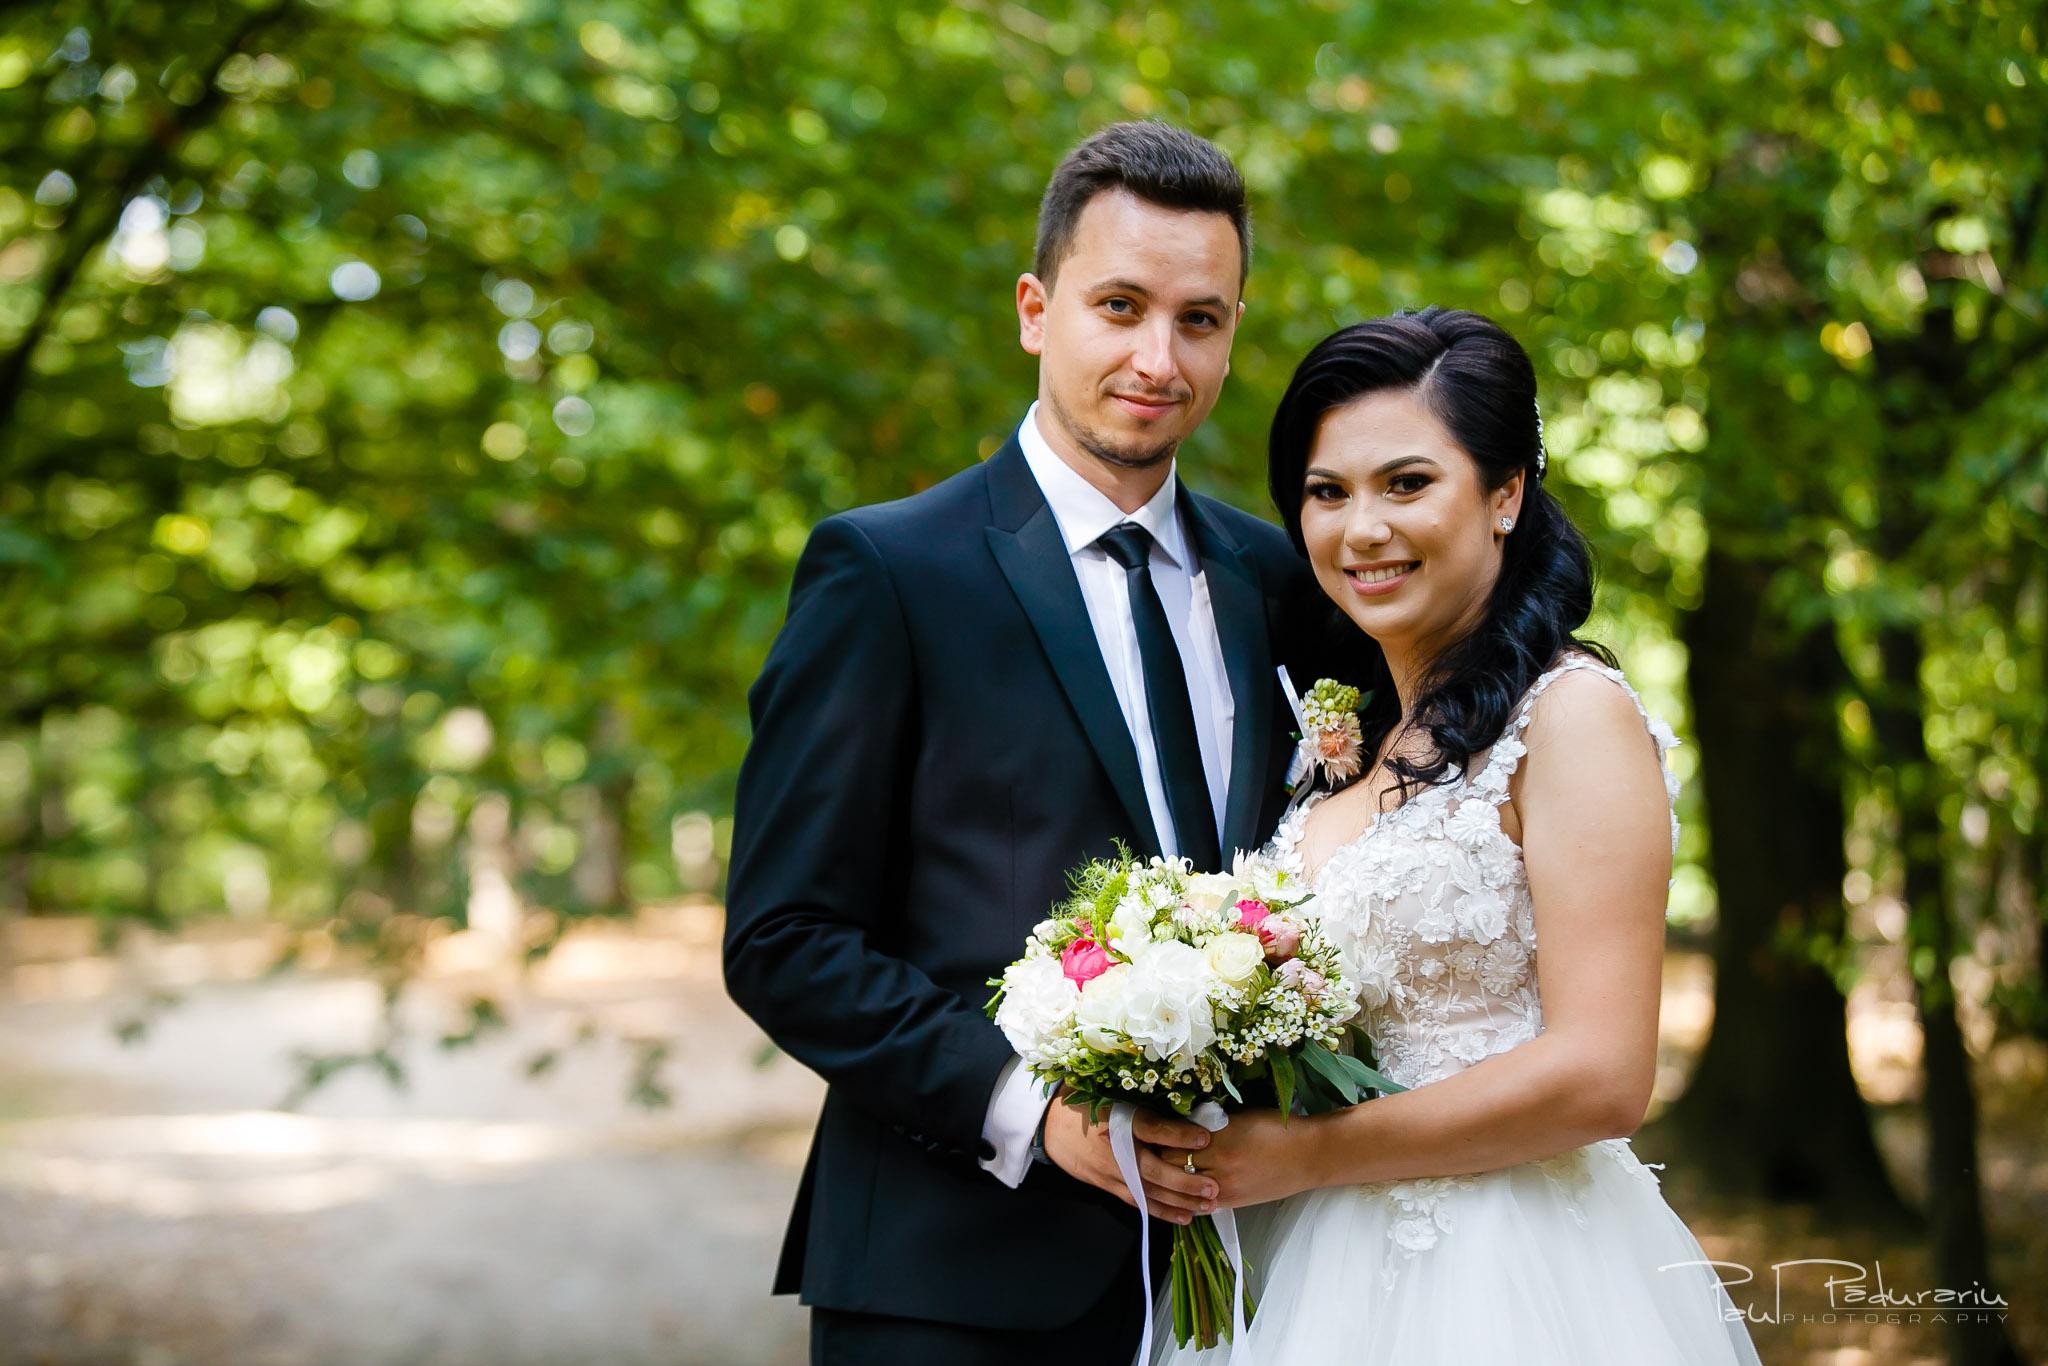 Denisa si Andrei nunta Hotel International Iasi 2019 fotograf nunta iasi paul padurariu 12